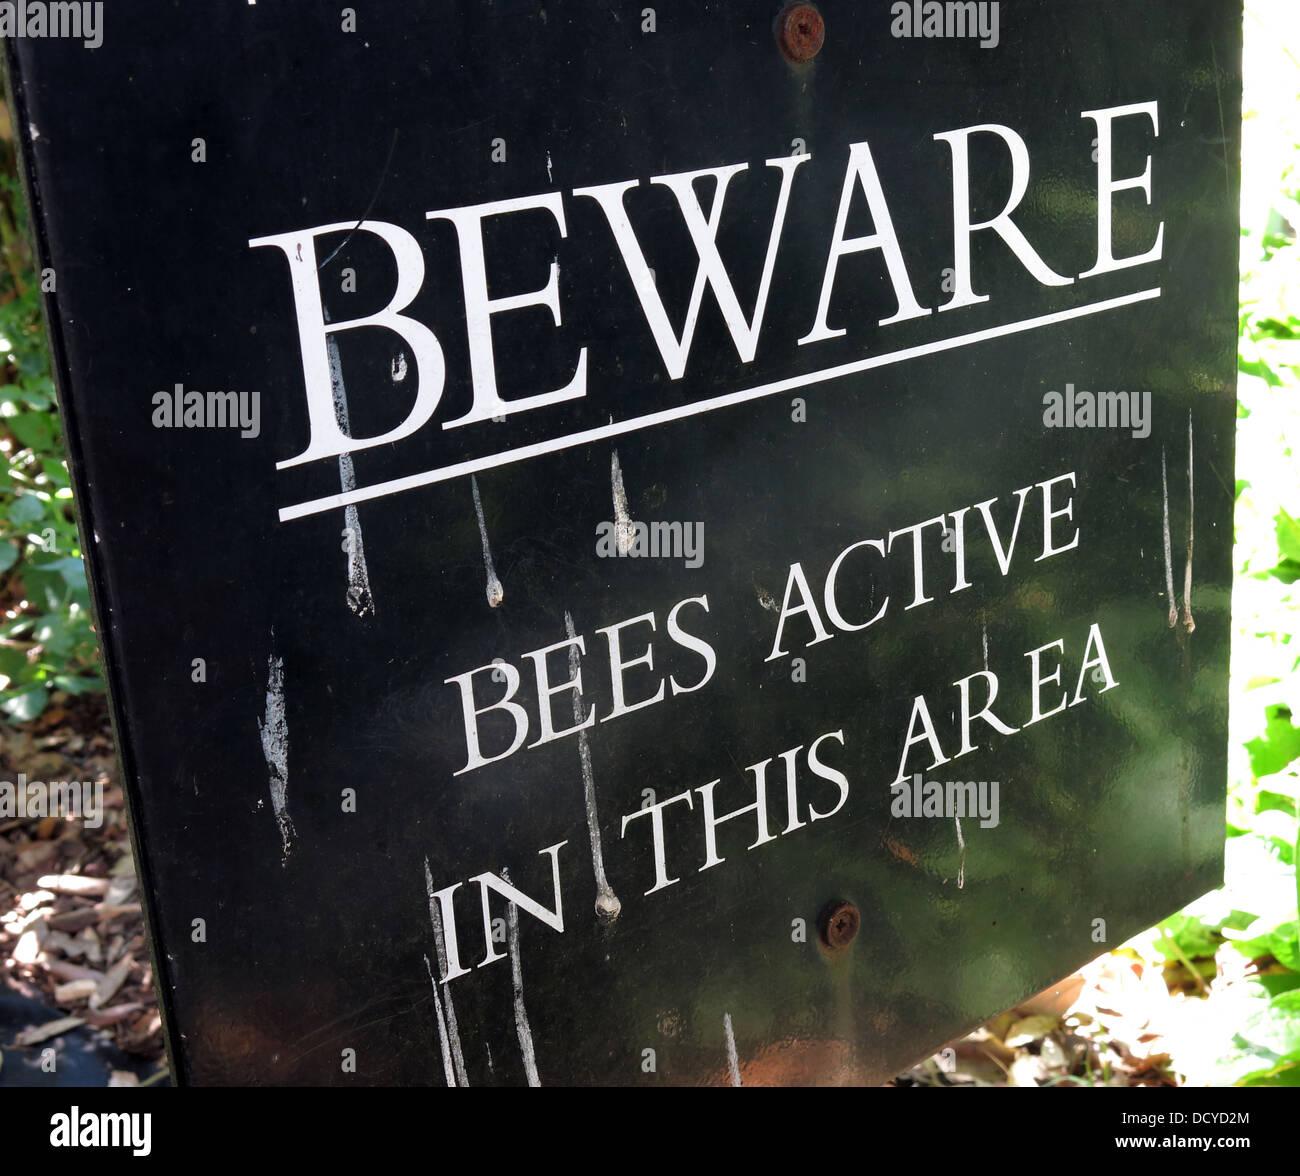 Laden Sie dieses Alamy Stockfoto Schild, Vorsicht Bienen, die in diesem Bereich aktiv - DCYD2M